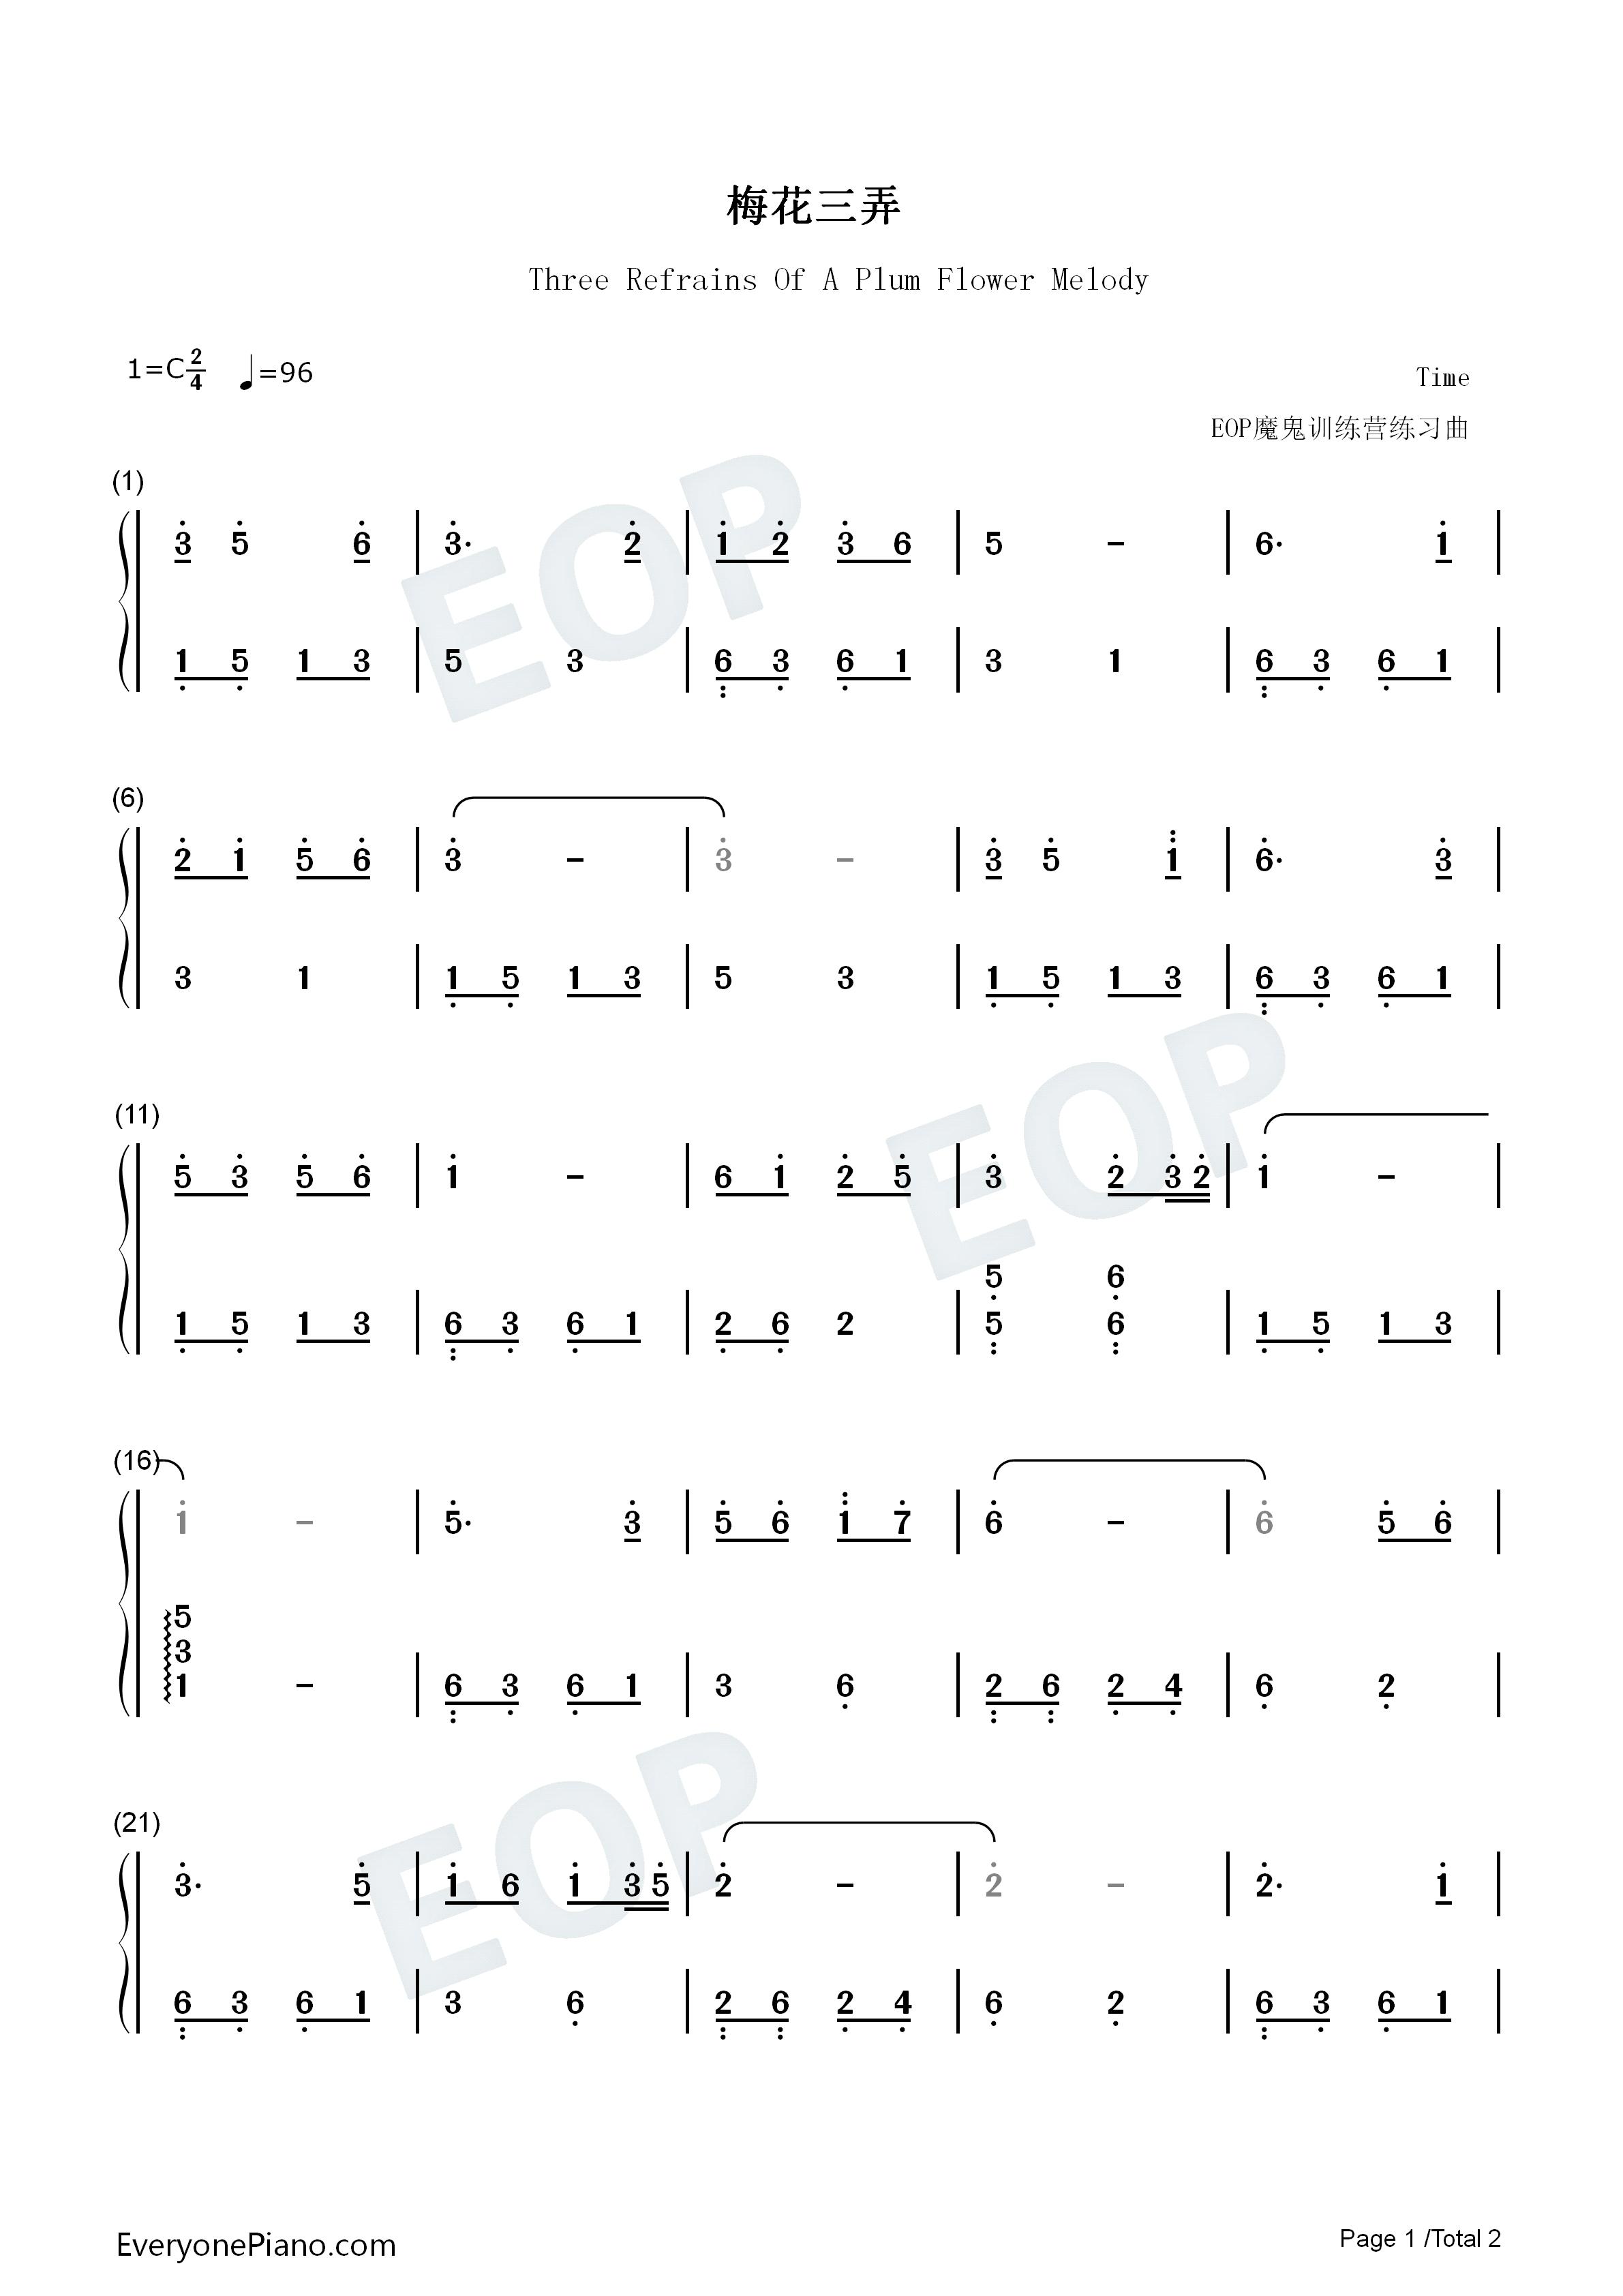 钢琴曲谱 流行 梅花三弄 梅花三弄双手简谱预览1  }  仅供学习交流